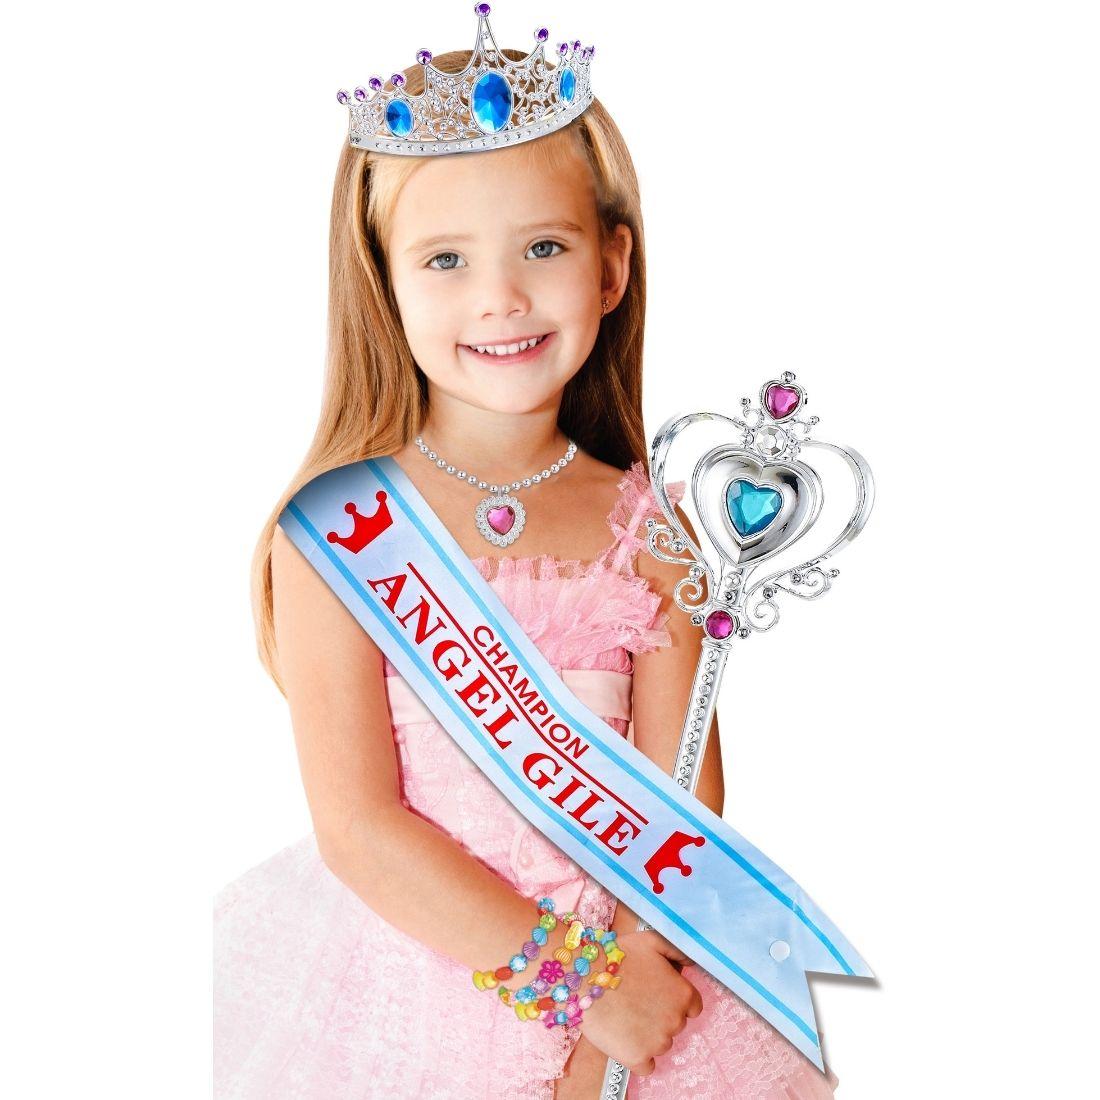 Brinquedo Penteadeira Musical Castelo Princesa com Luz e Som